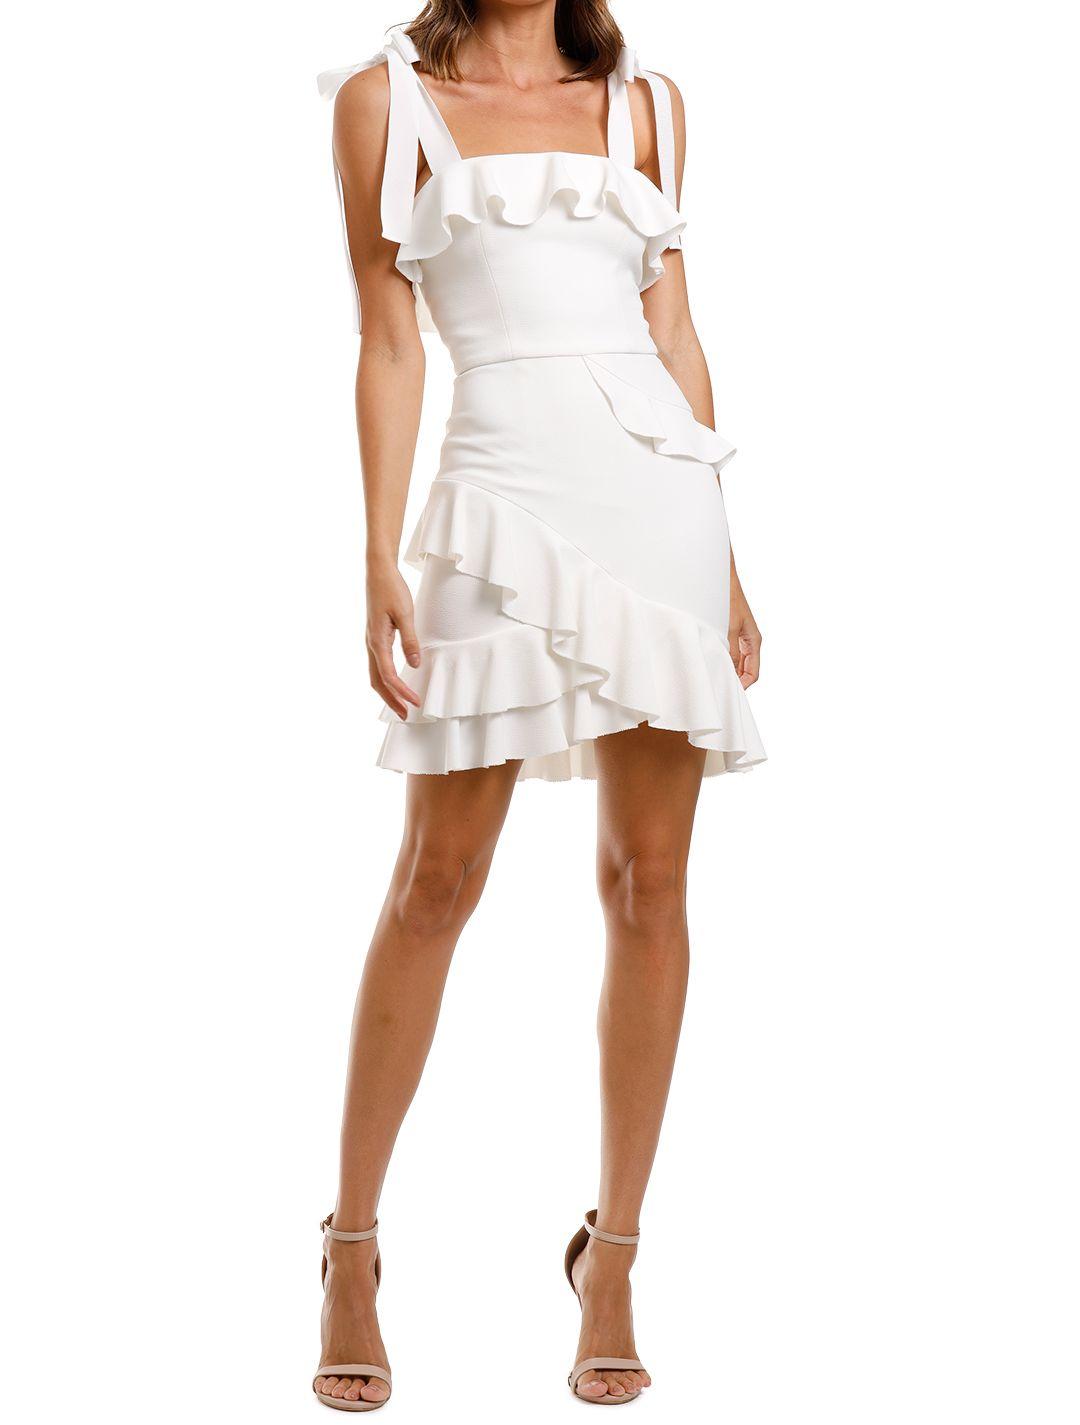 Rebecca Vallance Aegean Mini Dress White